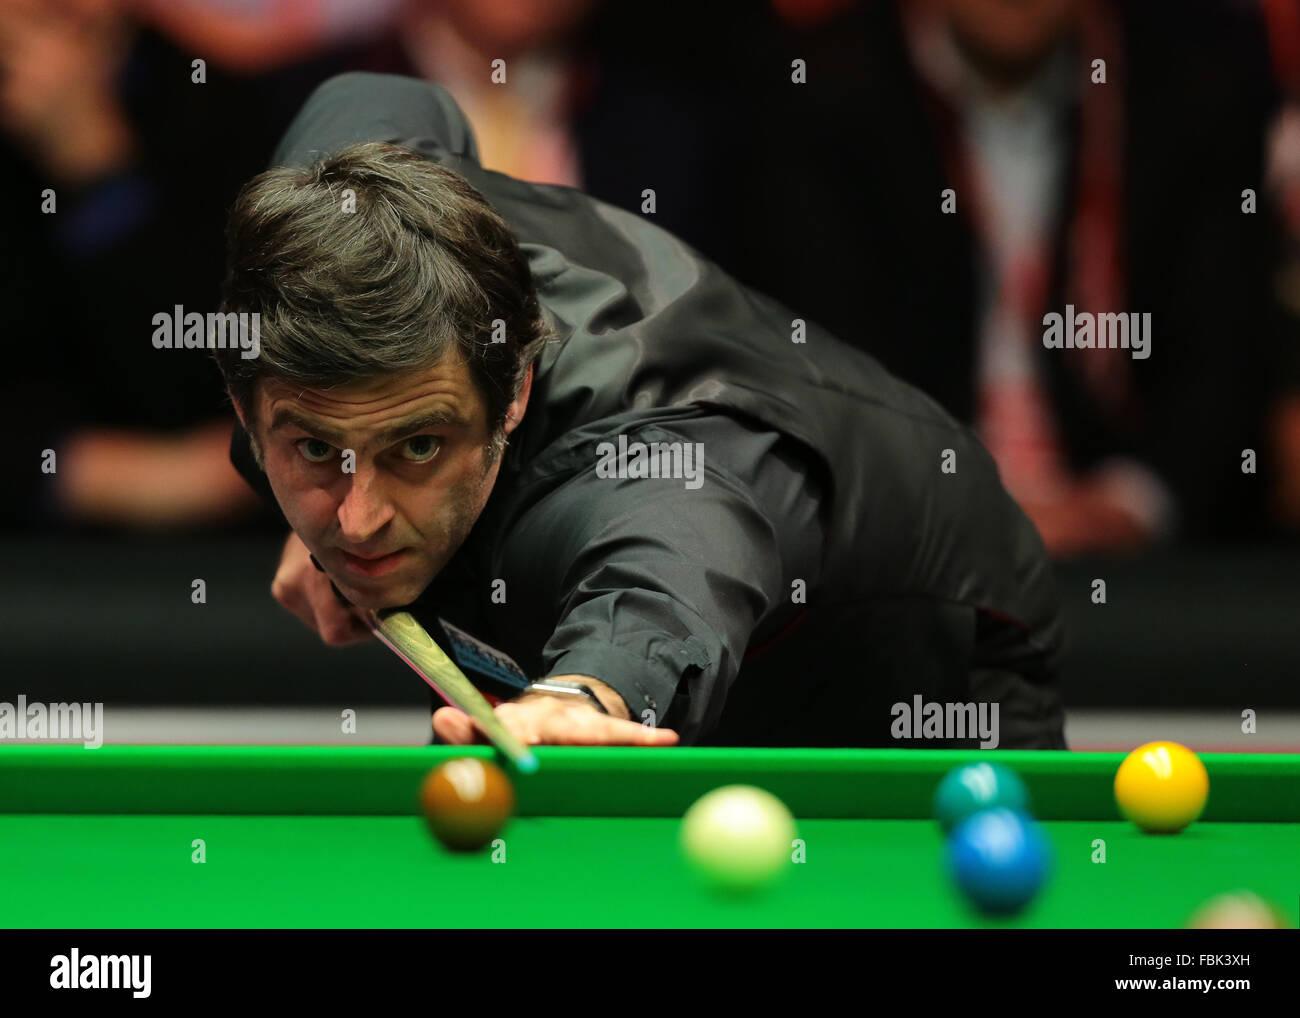 Alexandra Palace di Londra, Regno Unito. Xvii gen, 2016. Masters Snooker. Finali. Ronnie O'Sullivan reagisce durante Foto Stock